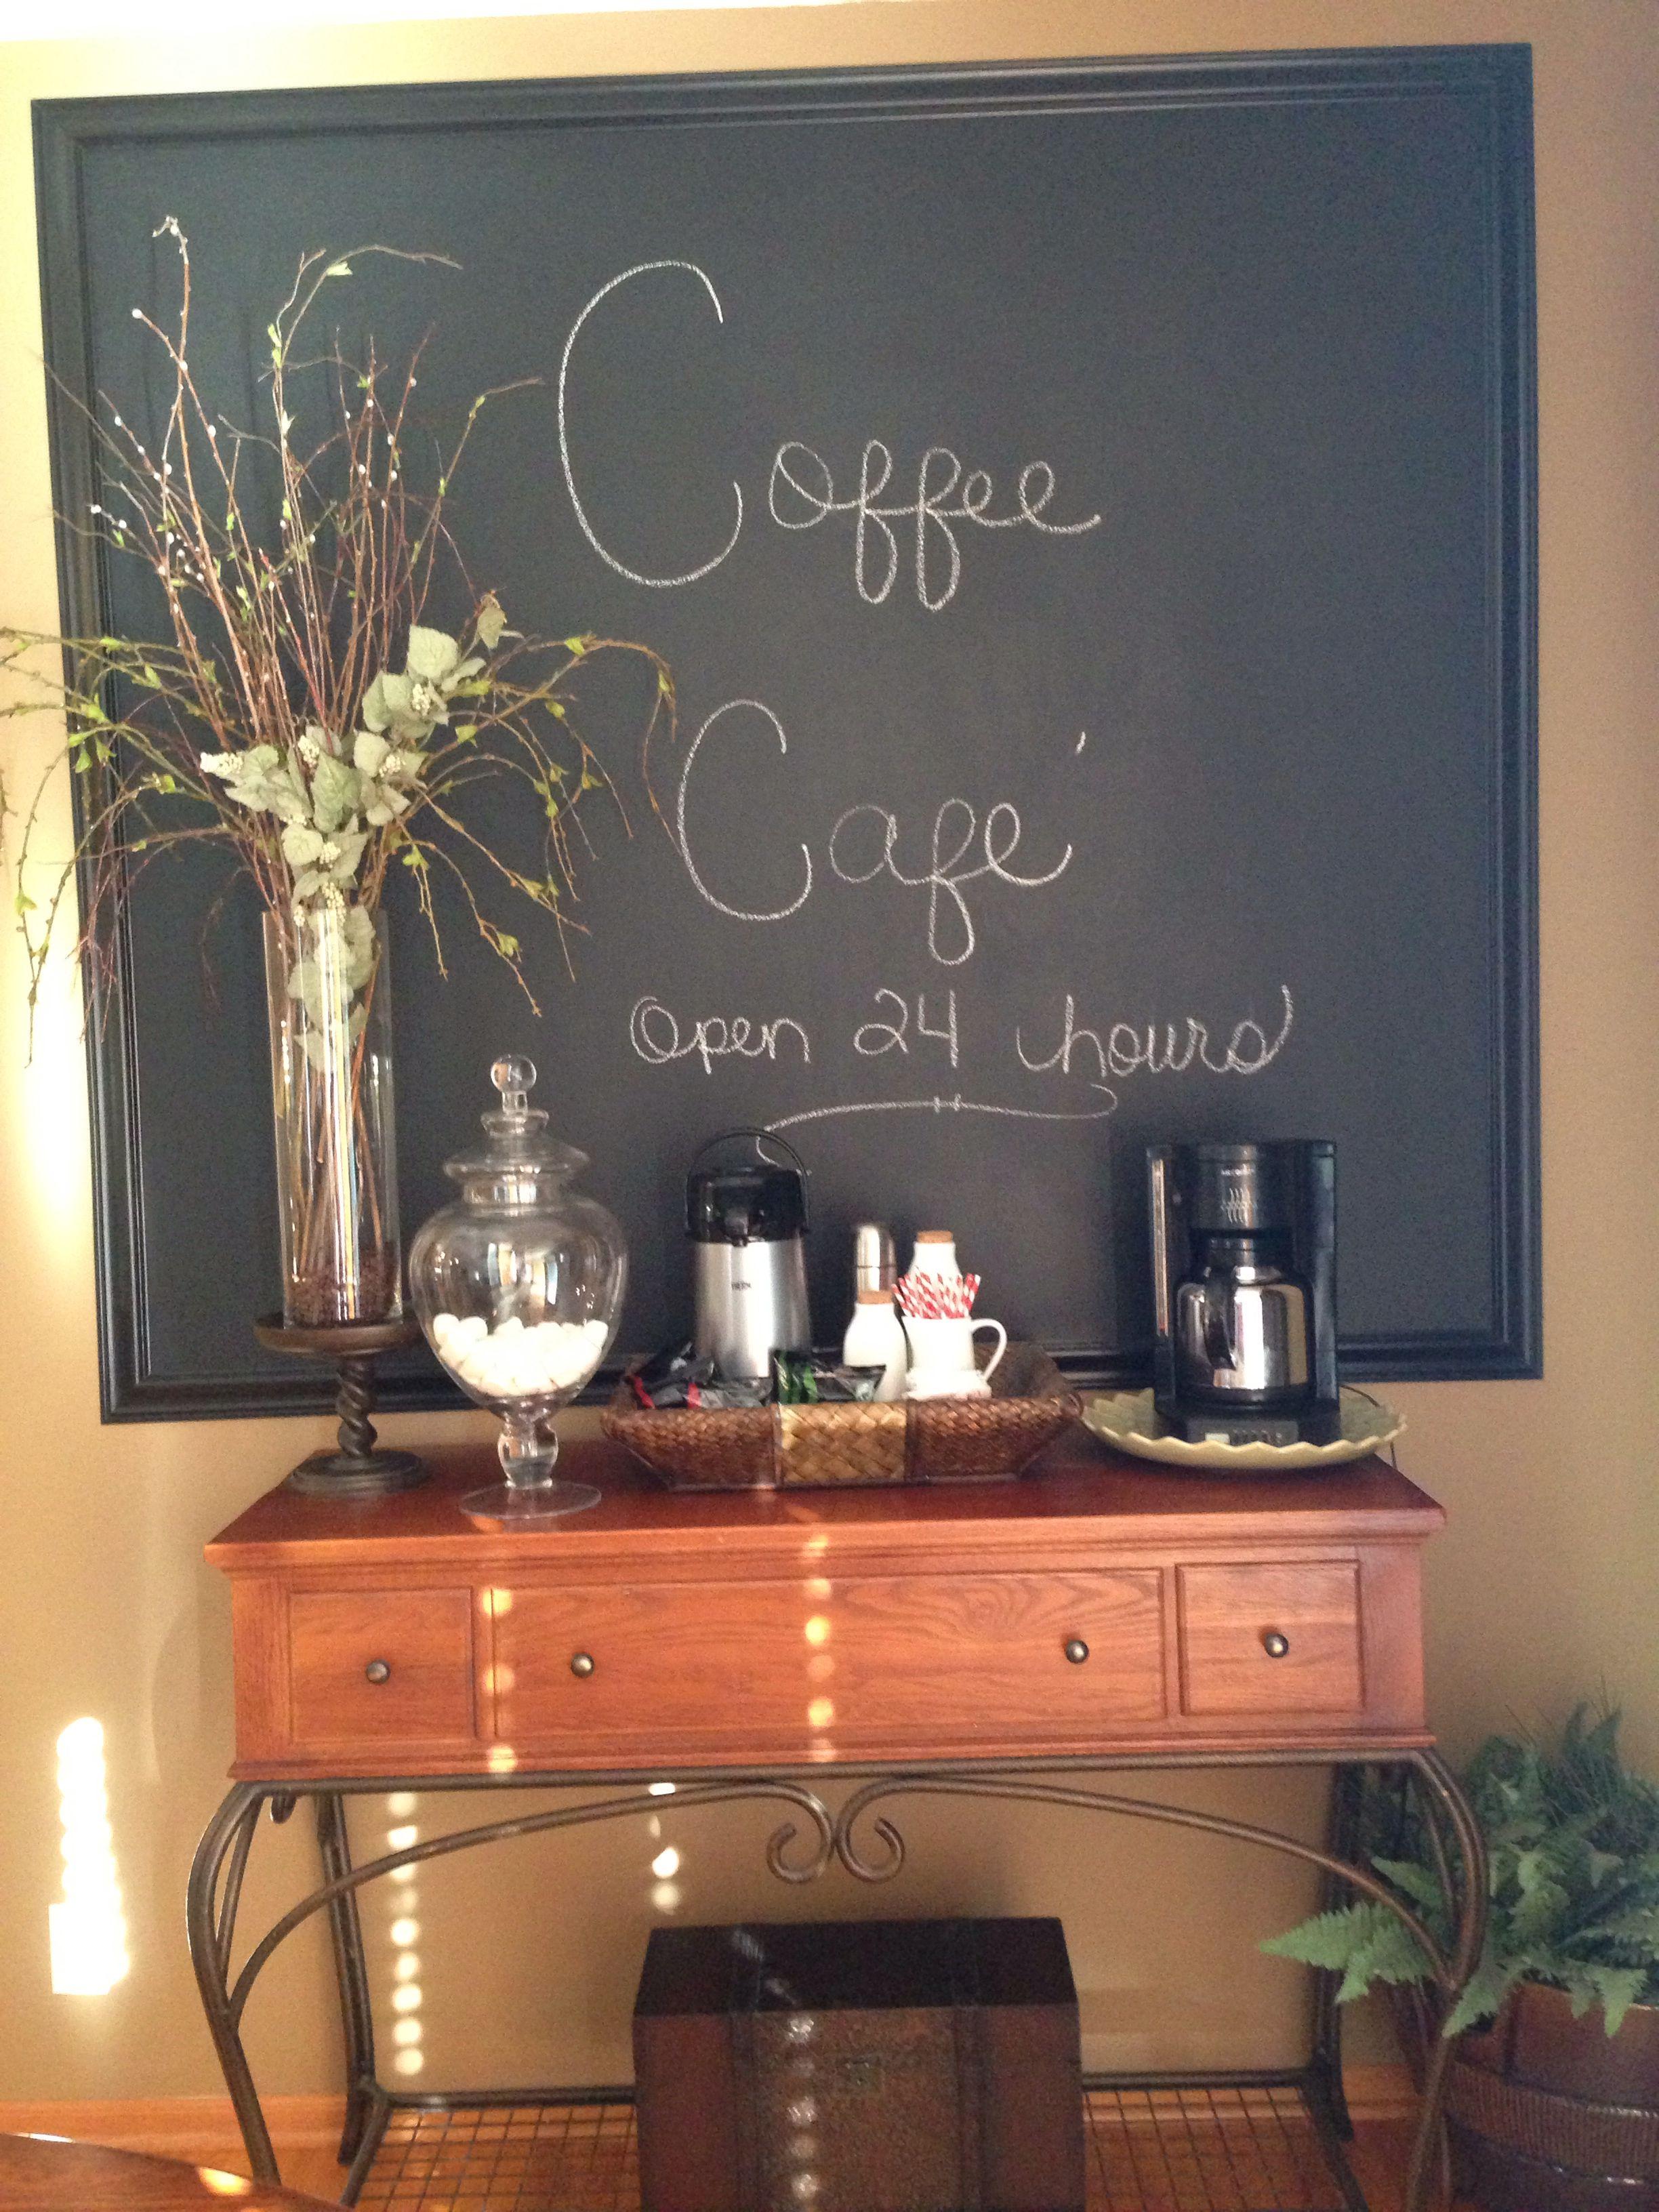 Coffee bars Estação de café, Cantinho do café, Cantinho